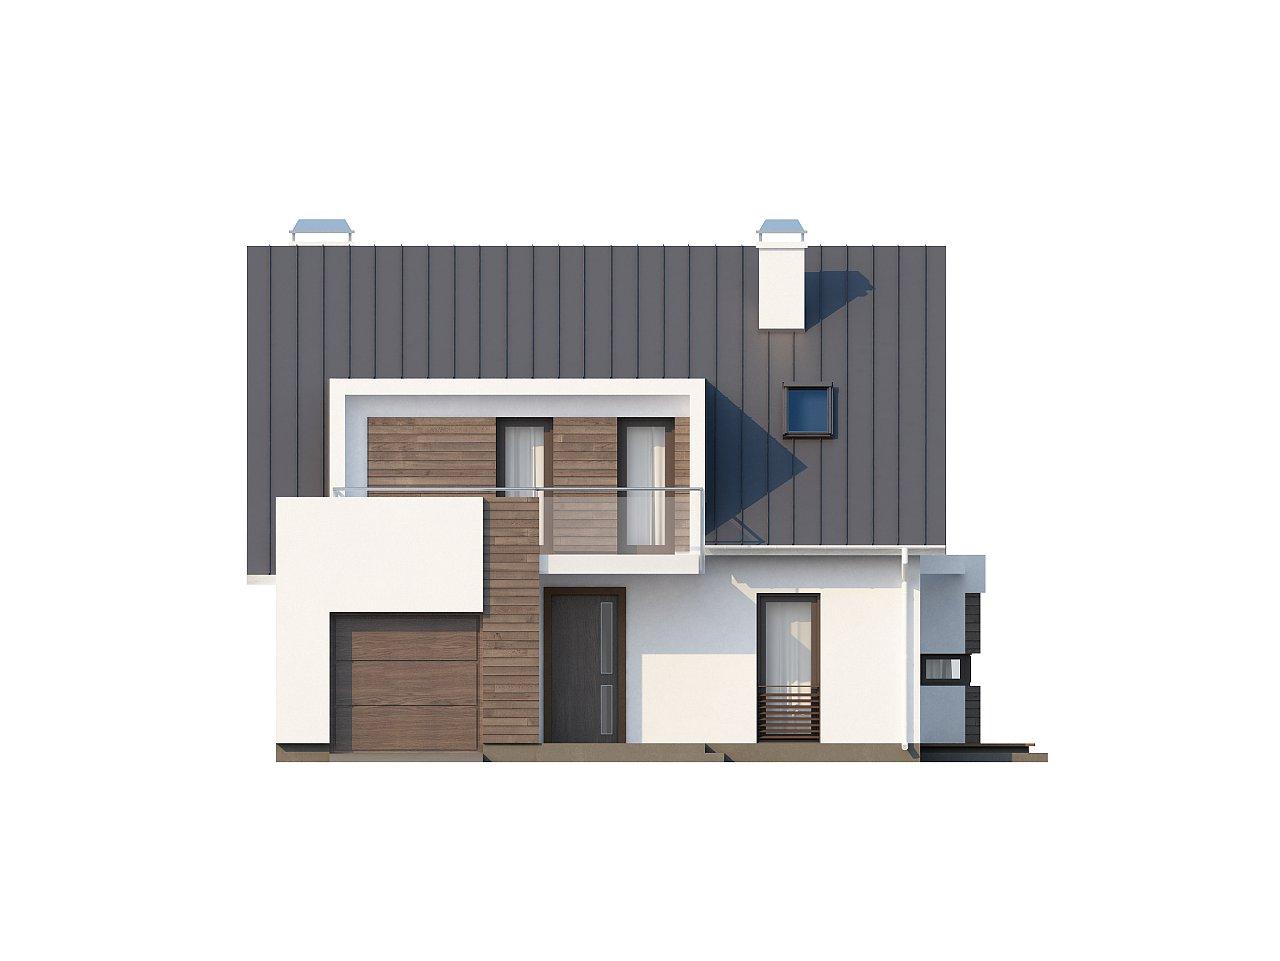 Стильный комфортный дом современного дизайна со встроенным гаражом. 3